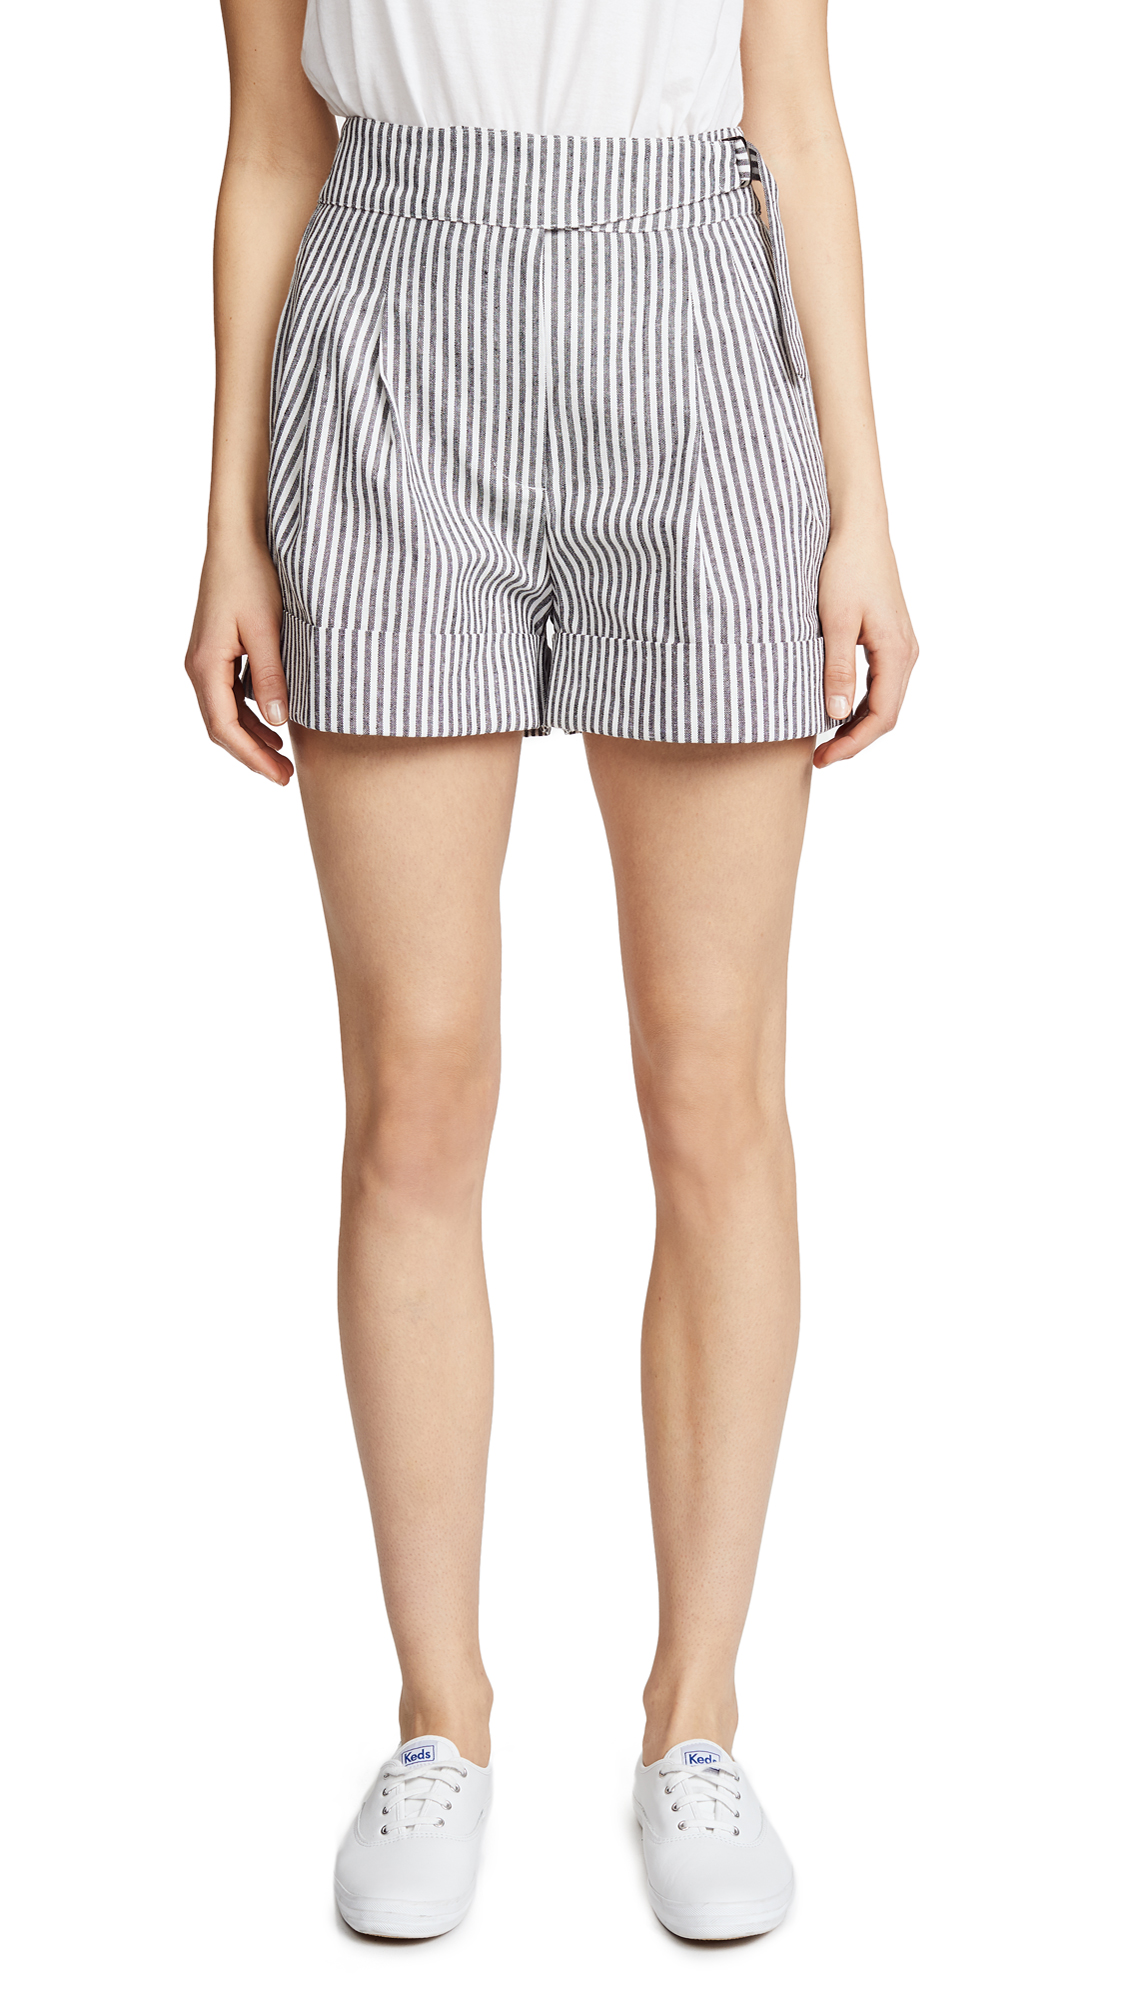 EVIDNT Cuffed Shorts In Black Stripe